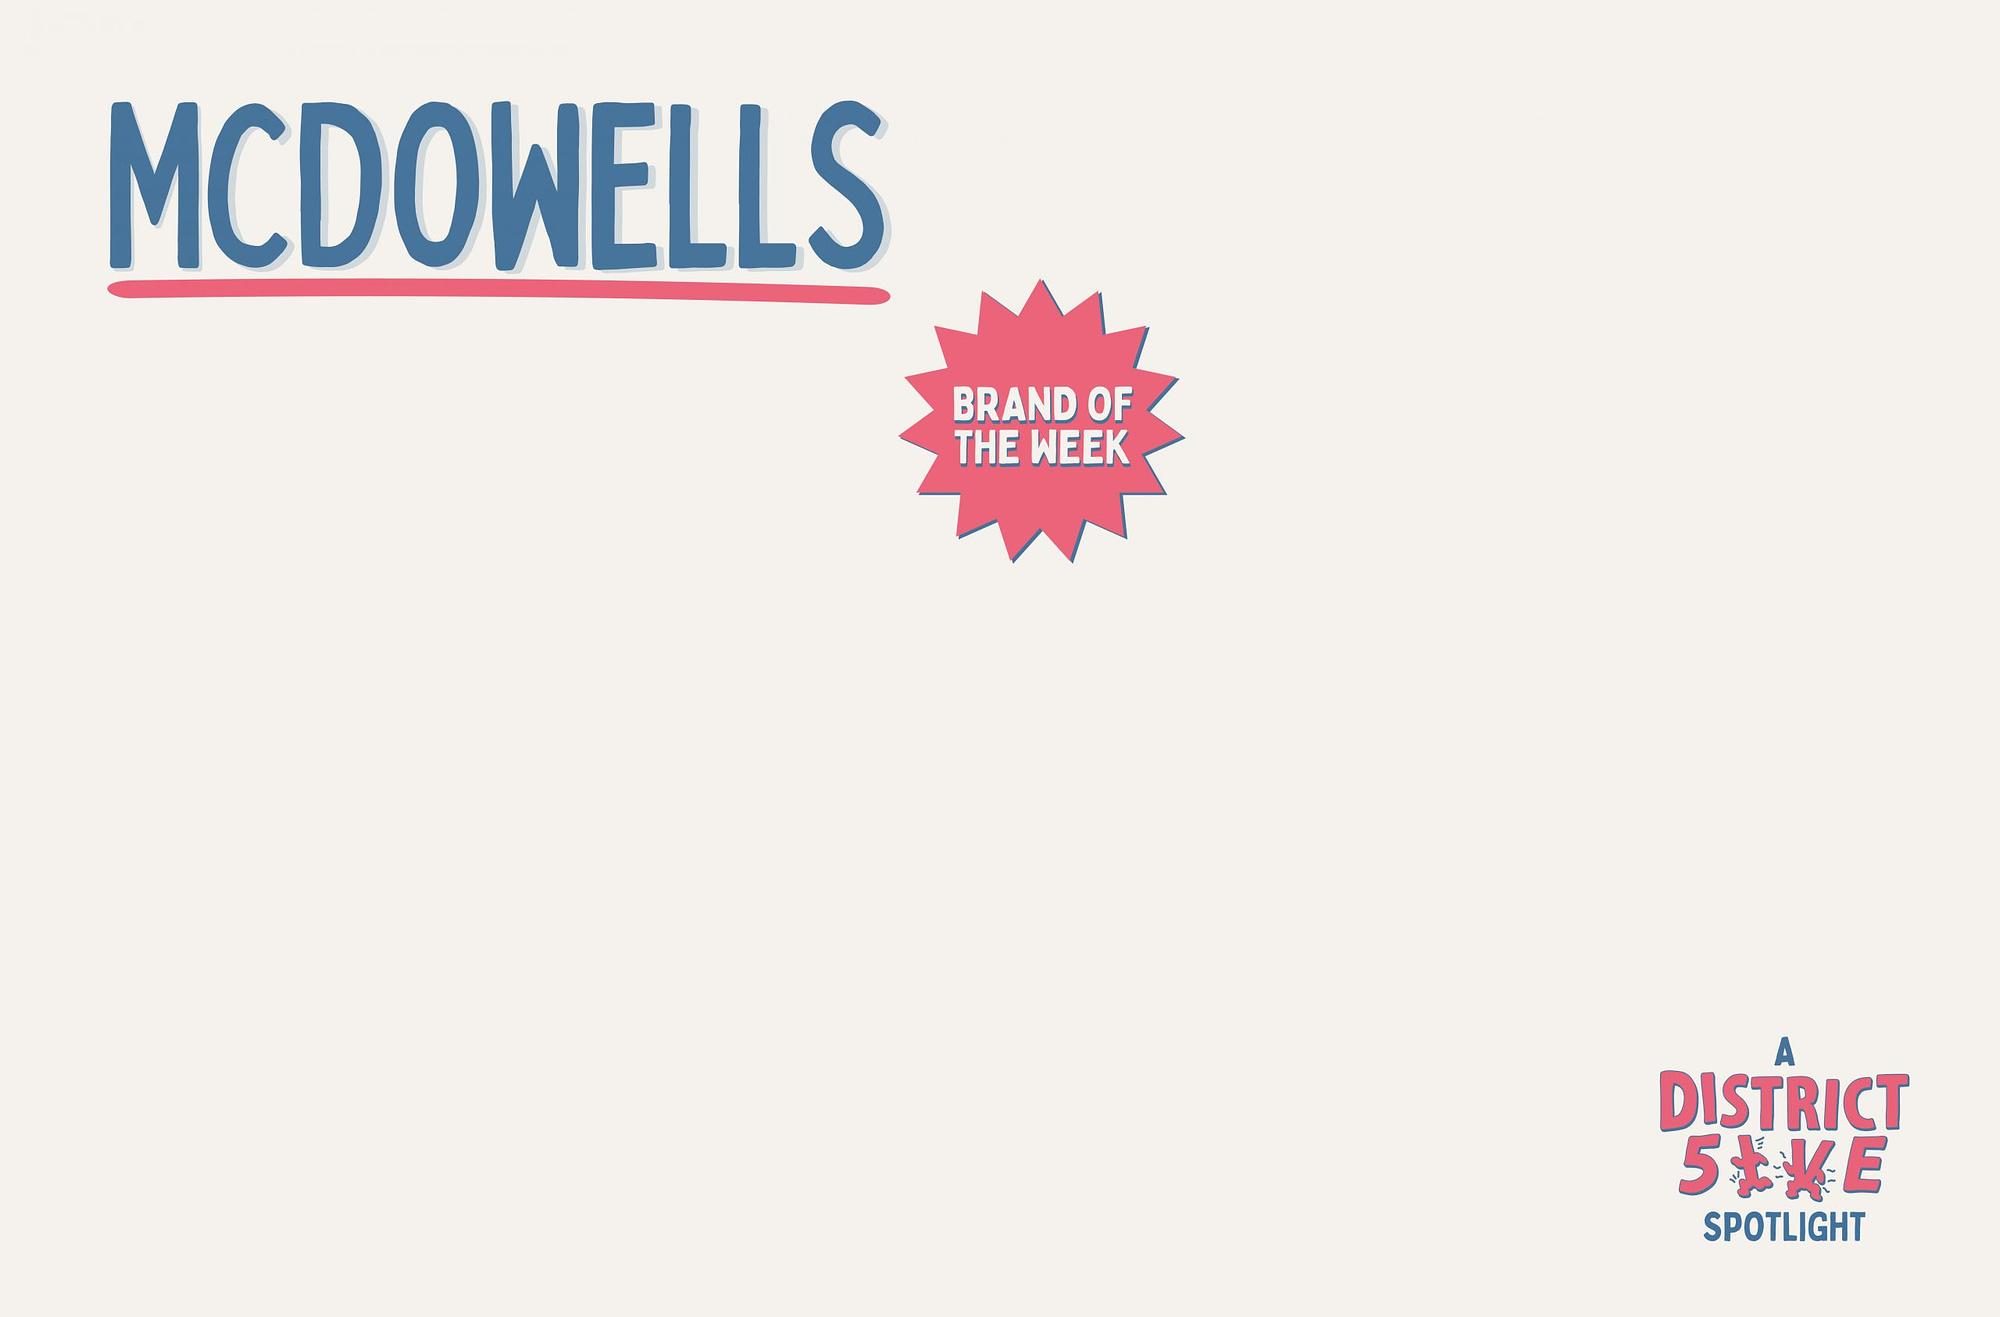 McDowells Streetwear Brand of The Week